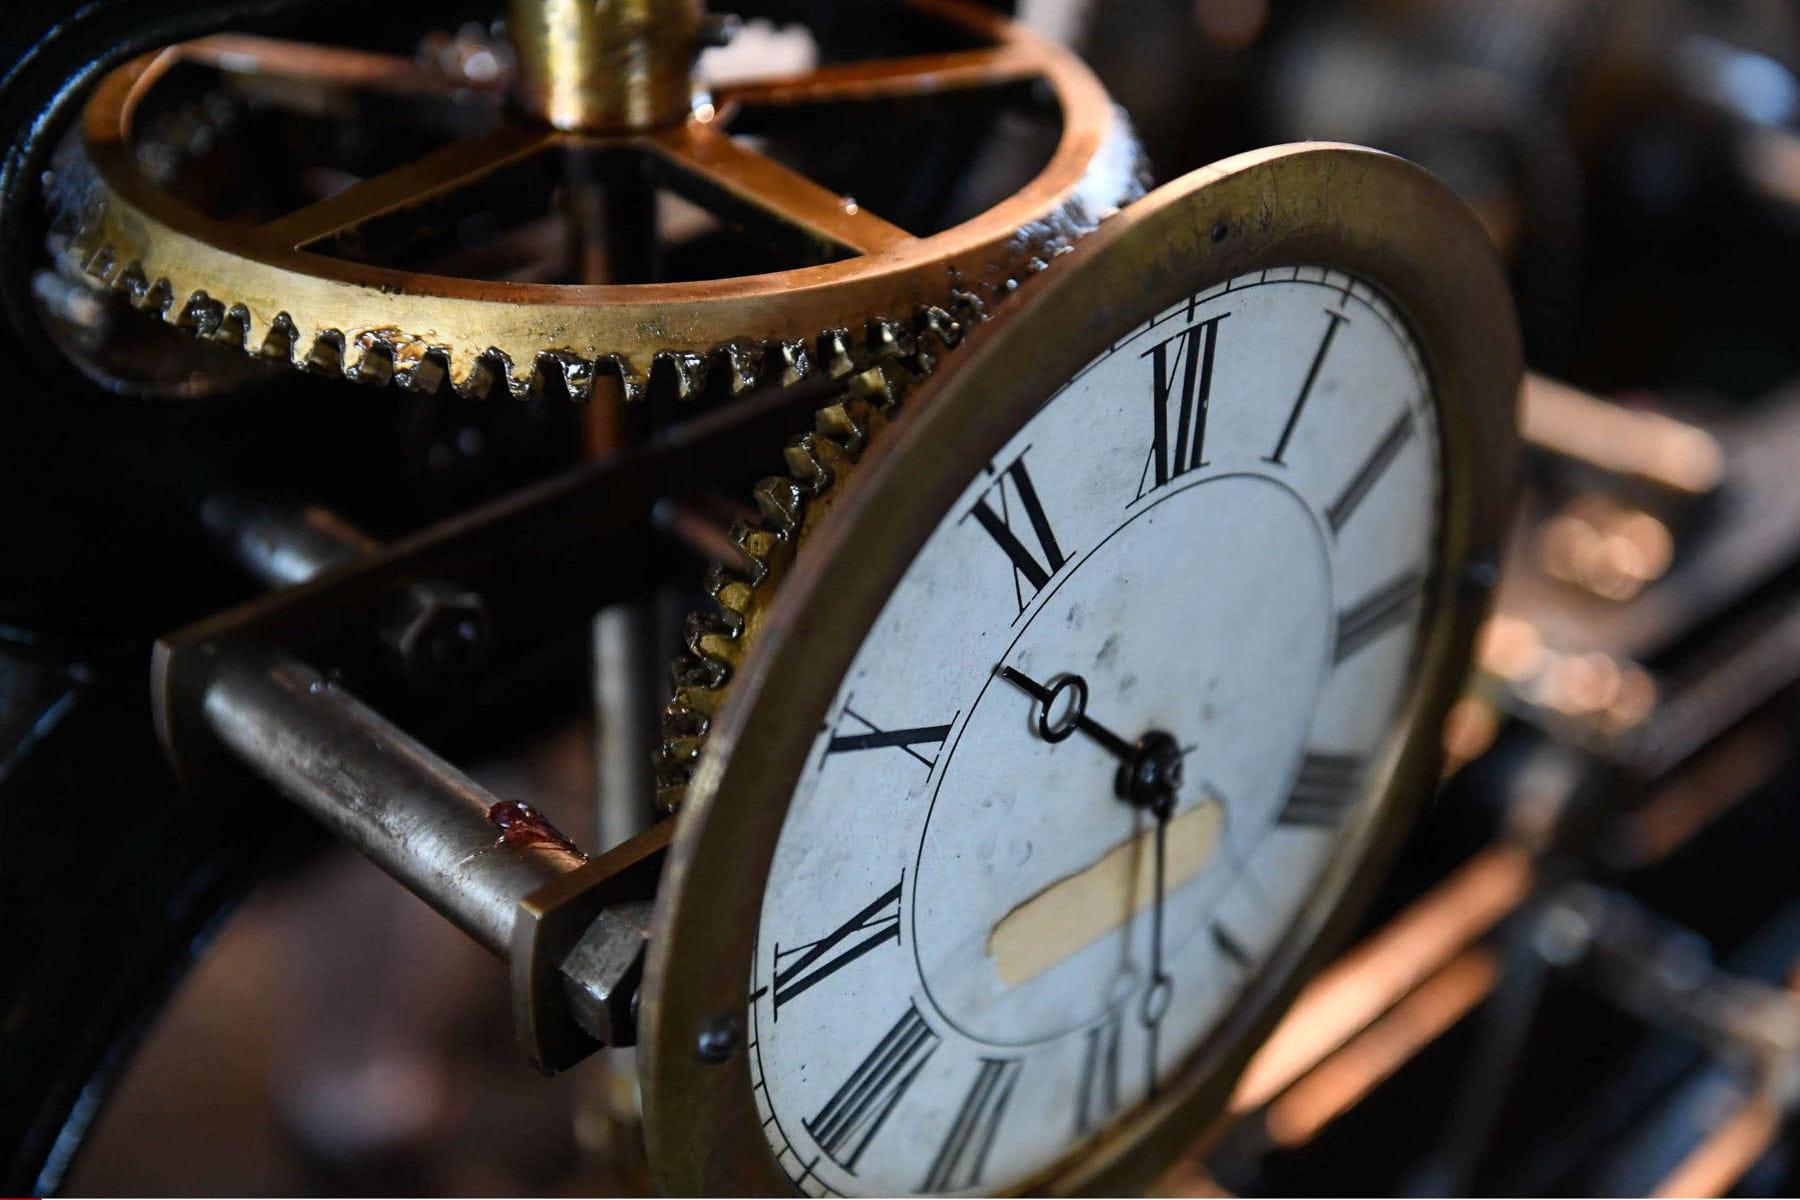 changement d 39 heure 2016 c 39 est reparti pour un tour et si on arr tait d 39 avancer nos horloges. Black Bedroom Furniture Sets. Home Design Ideas